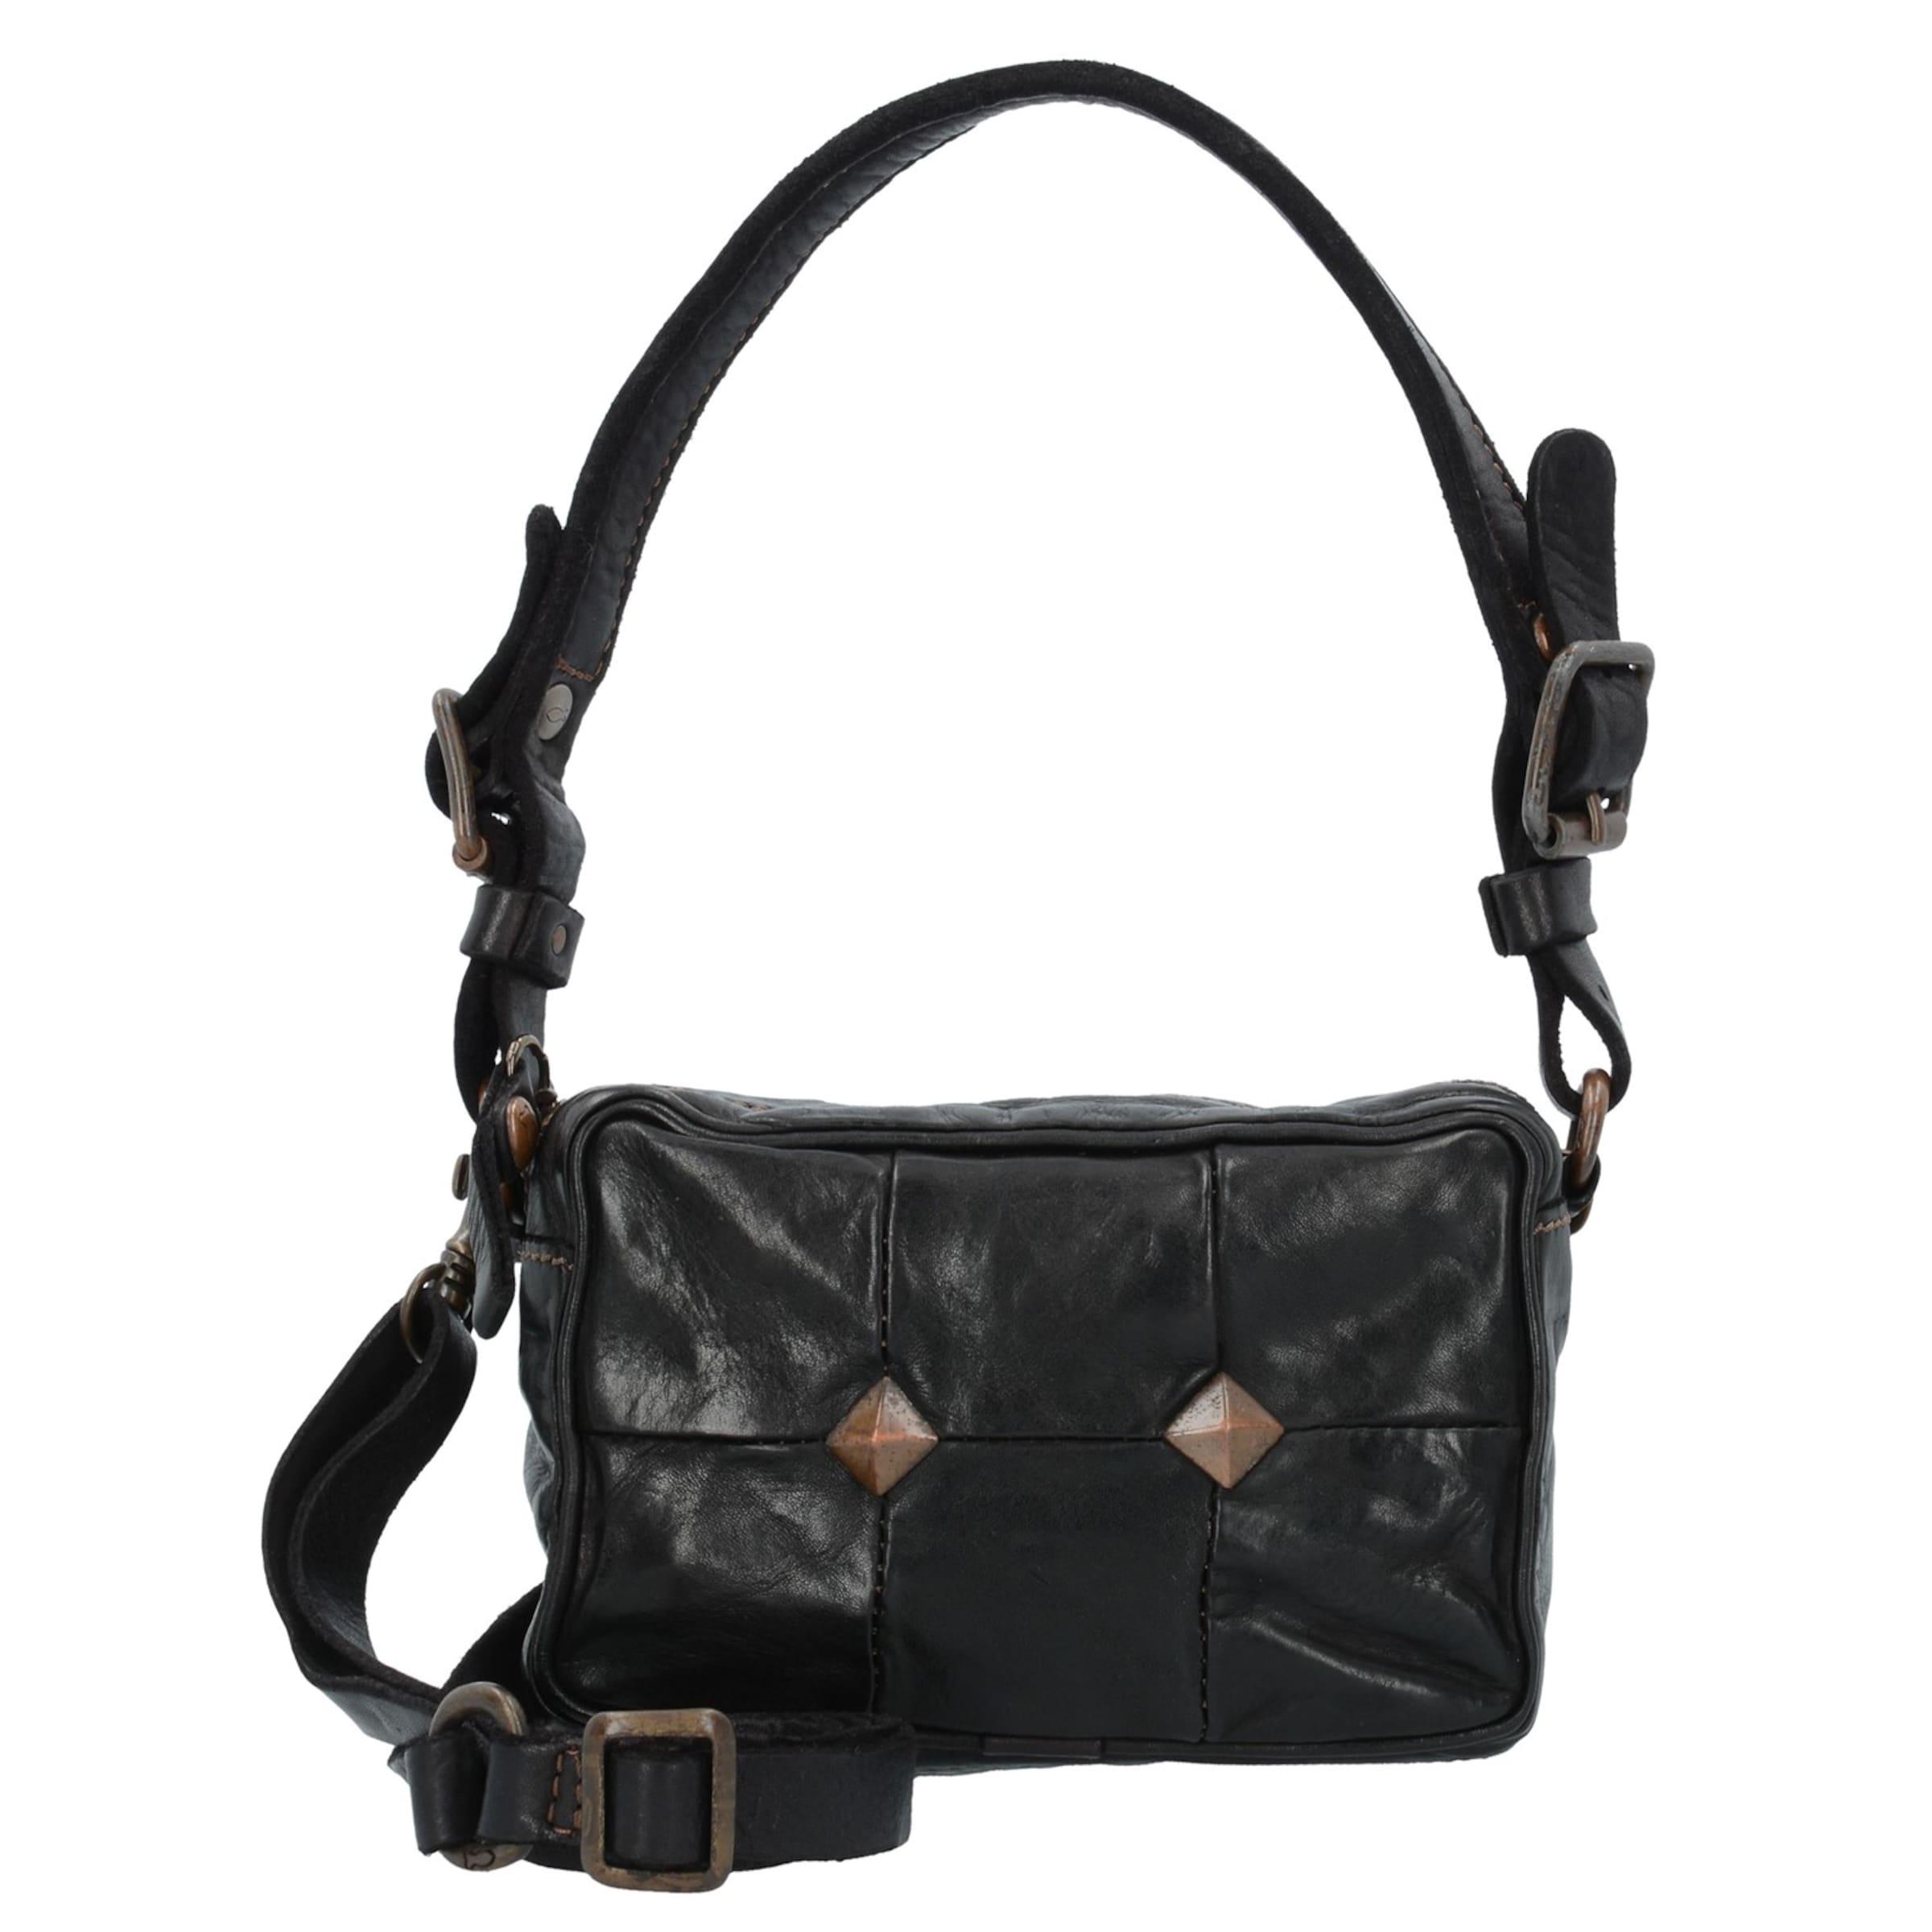 Modisch Günstiger Preis Outlet Kaufen Campomaggi Bauletto Mini Bag Schultertasche Leder 18 cm Fälschung eobgGbFp